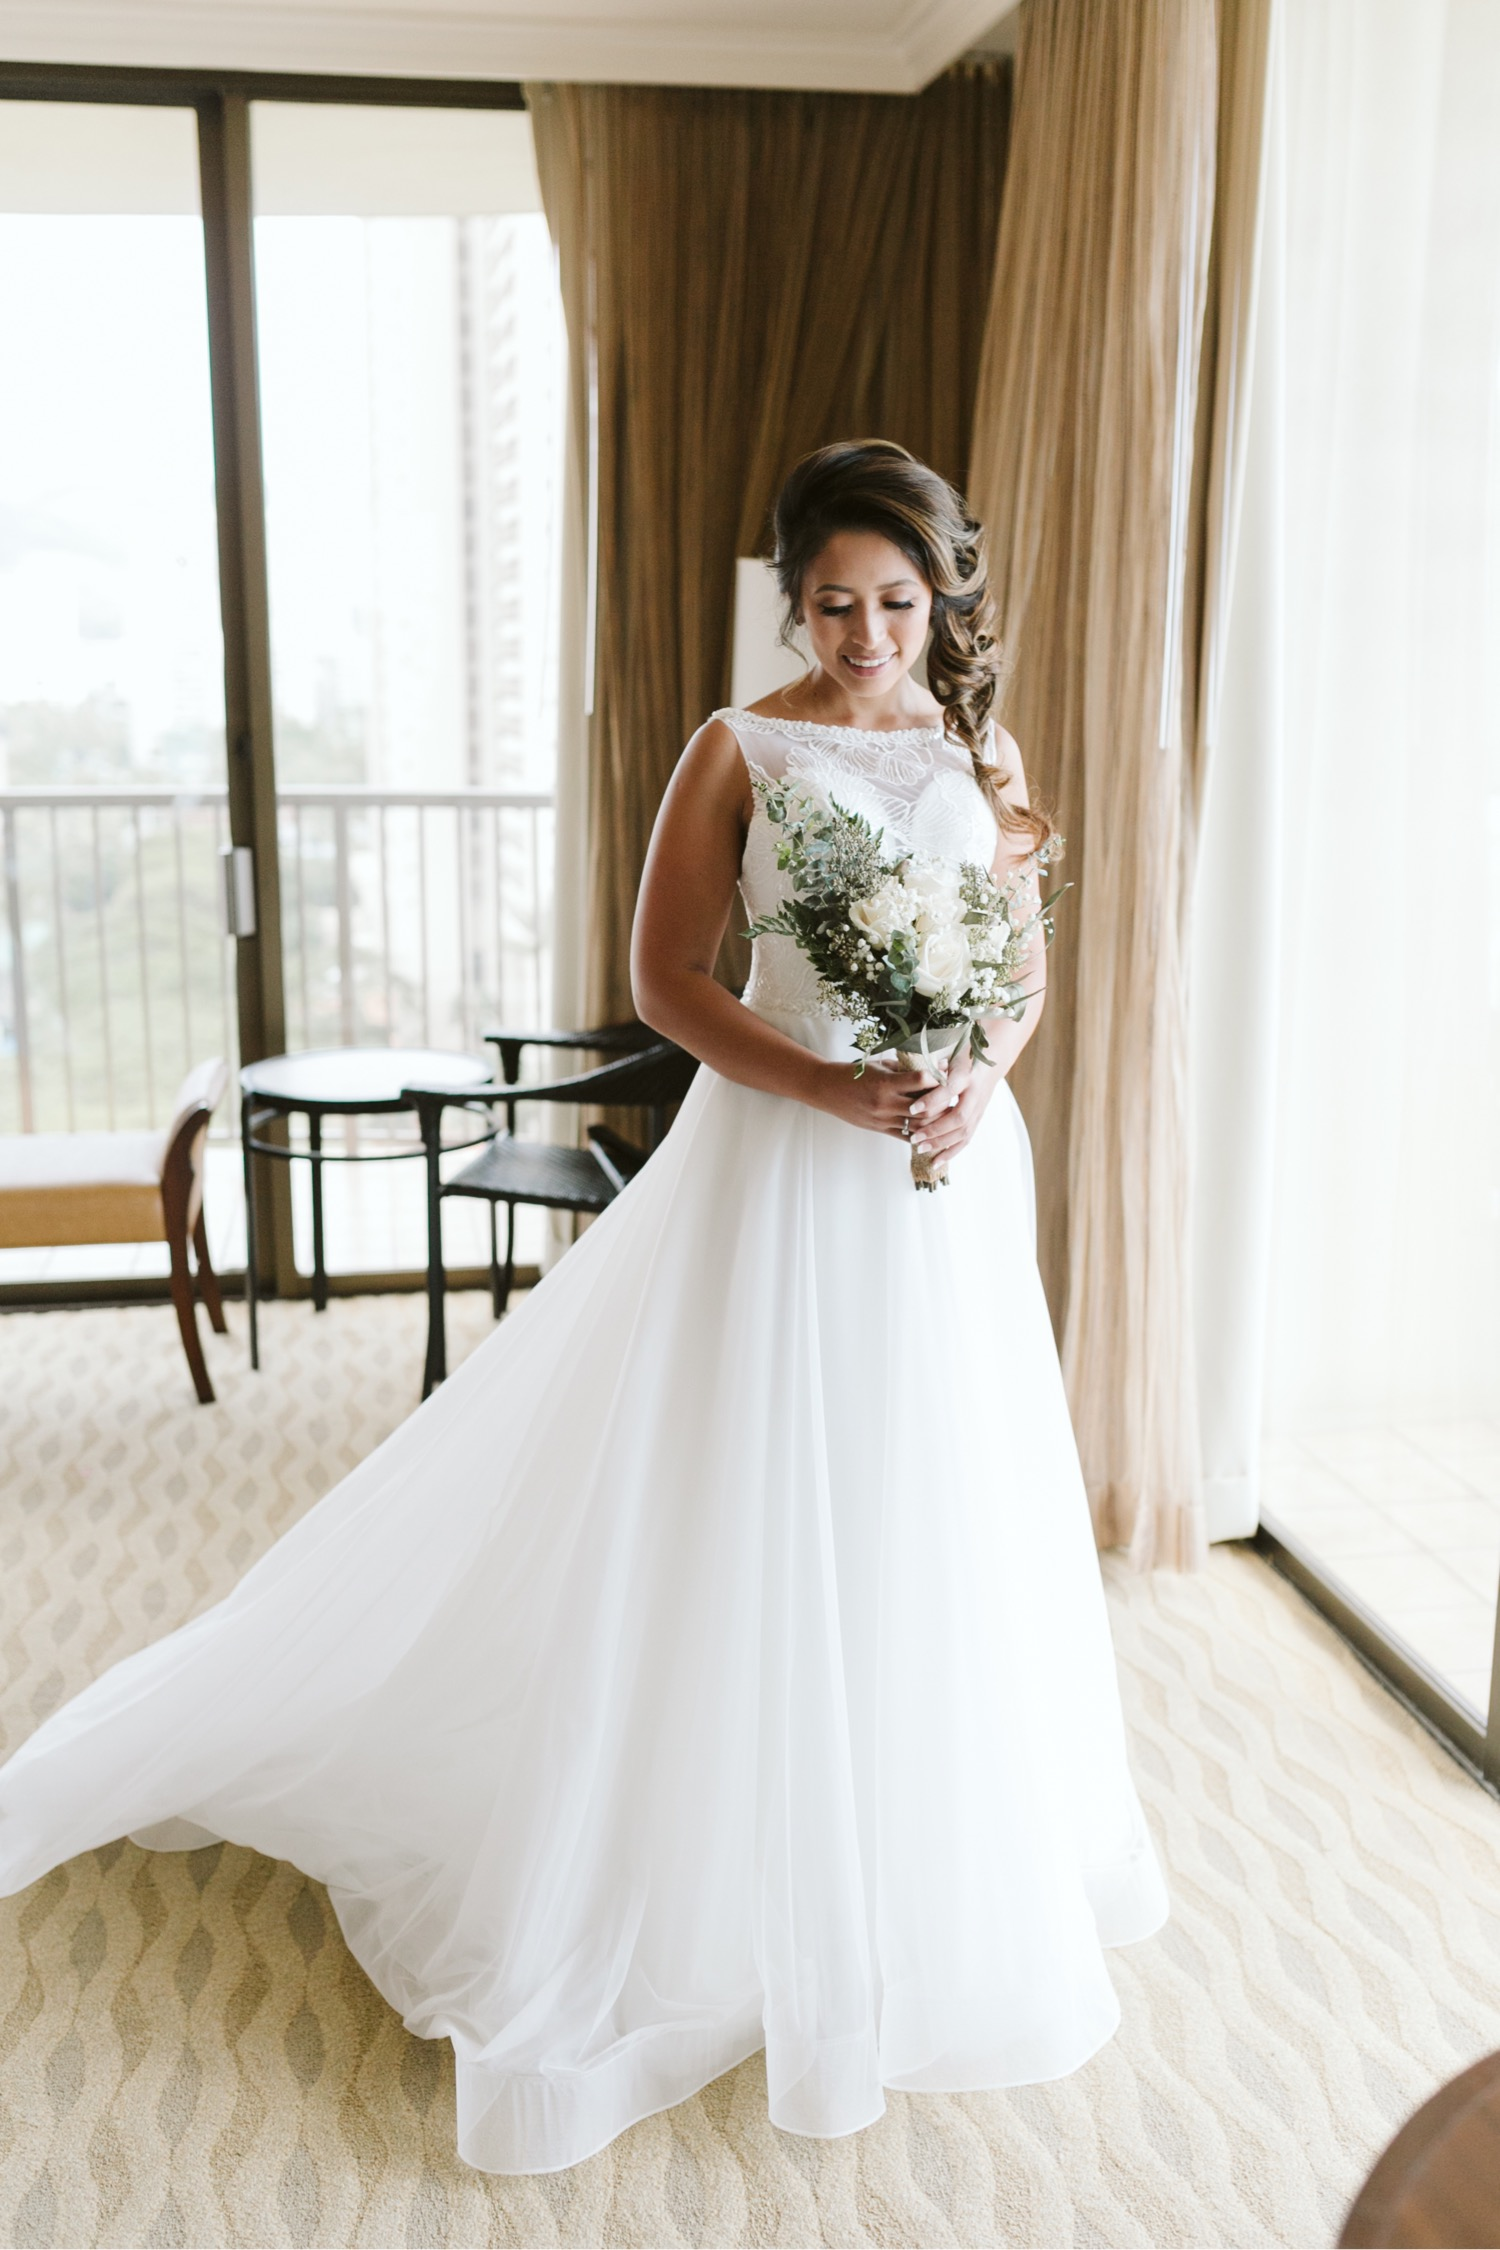 014_Brayden-Julianne-Wedding-29_Hilton_Village_portrait_Hawaiian_Bride_Bouquet_getting_flowers_ready.jpg